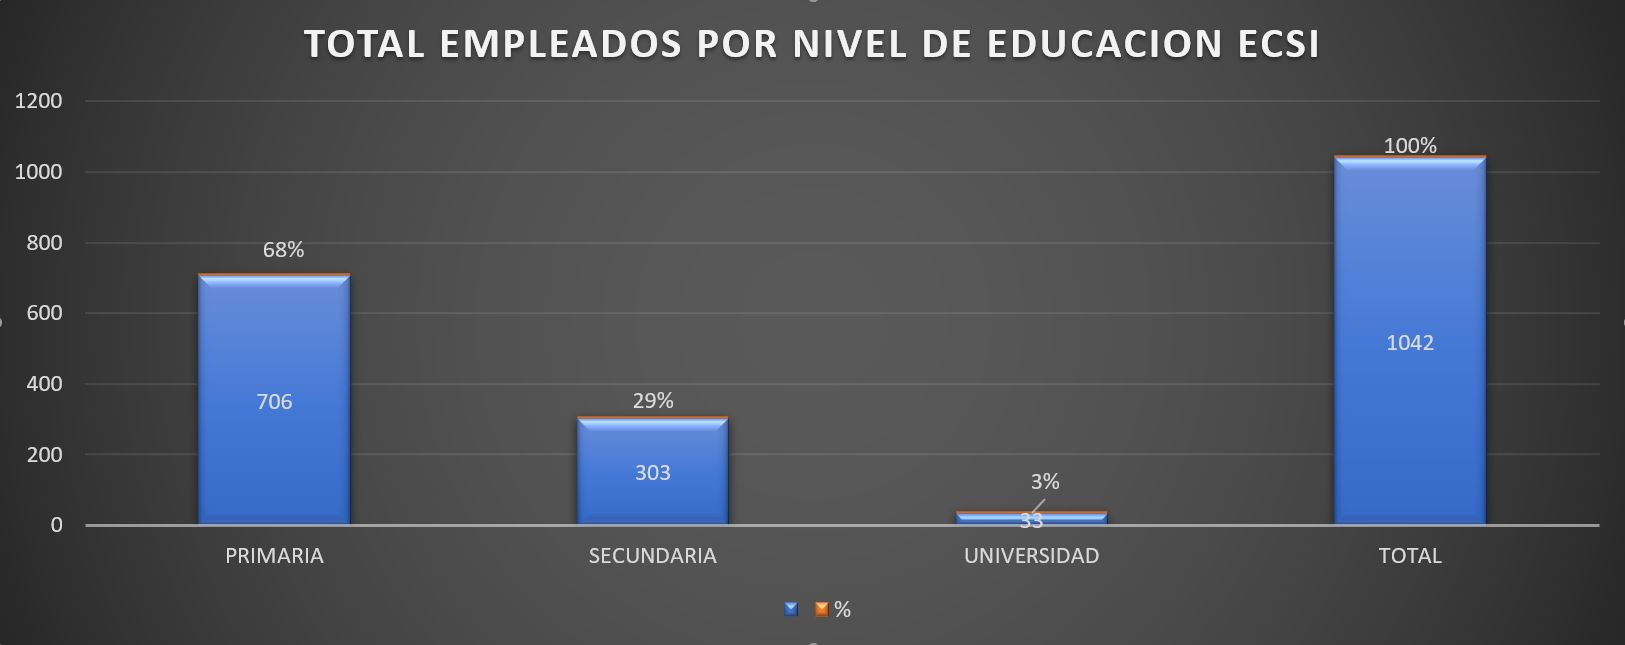 Gráfica sobre el total de empleados por nivel de educación ECSI